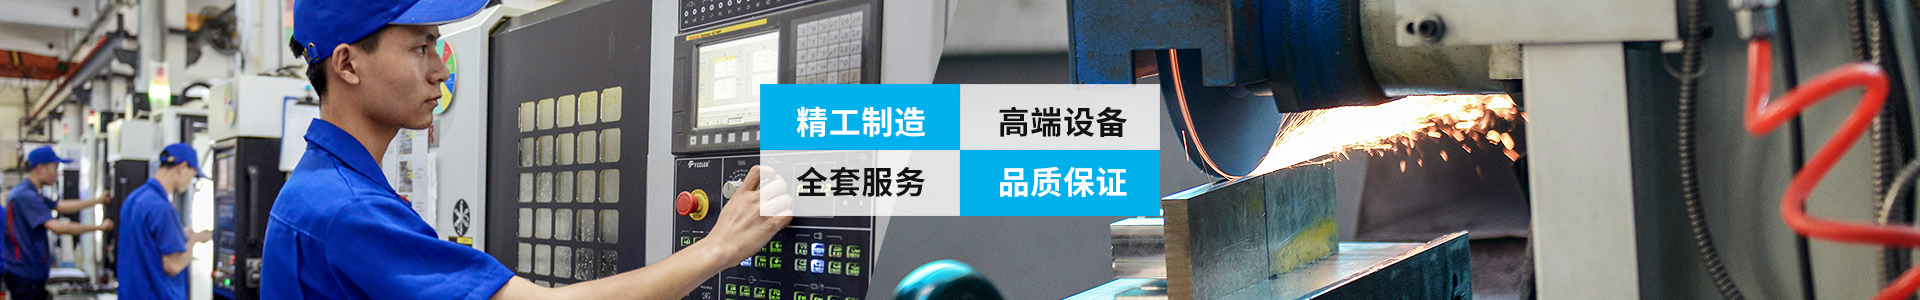 国盛伟业 精工制造 高端设备 全套服务 品质保证